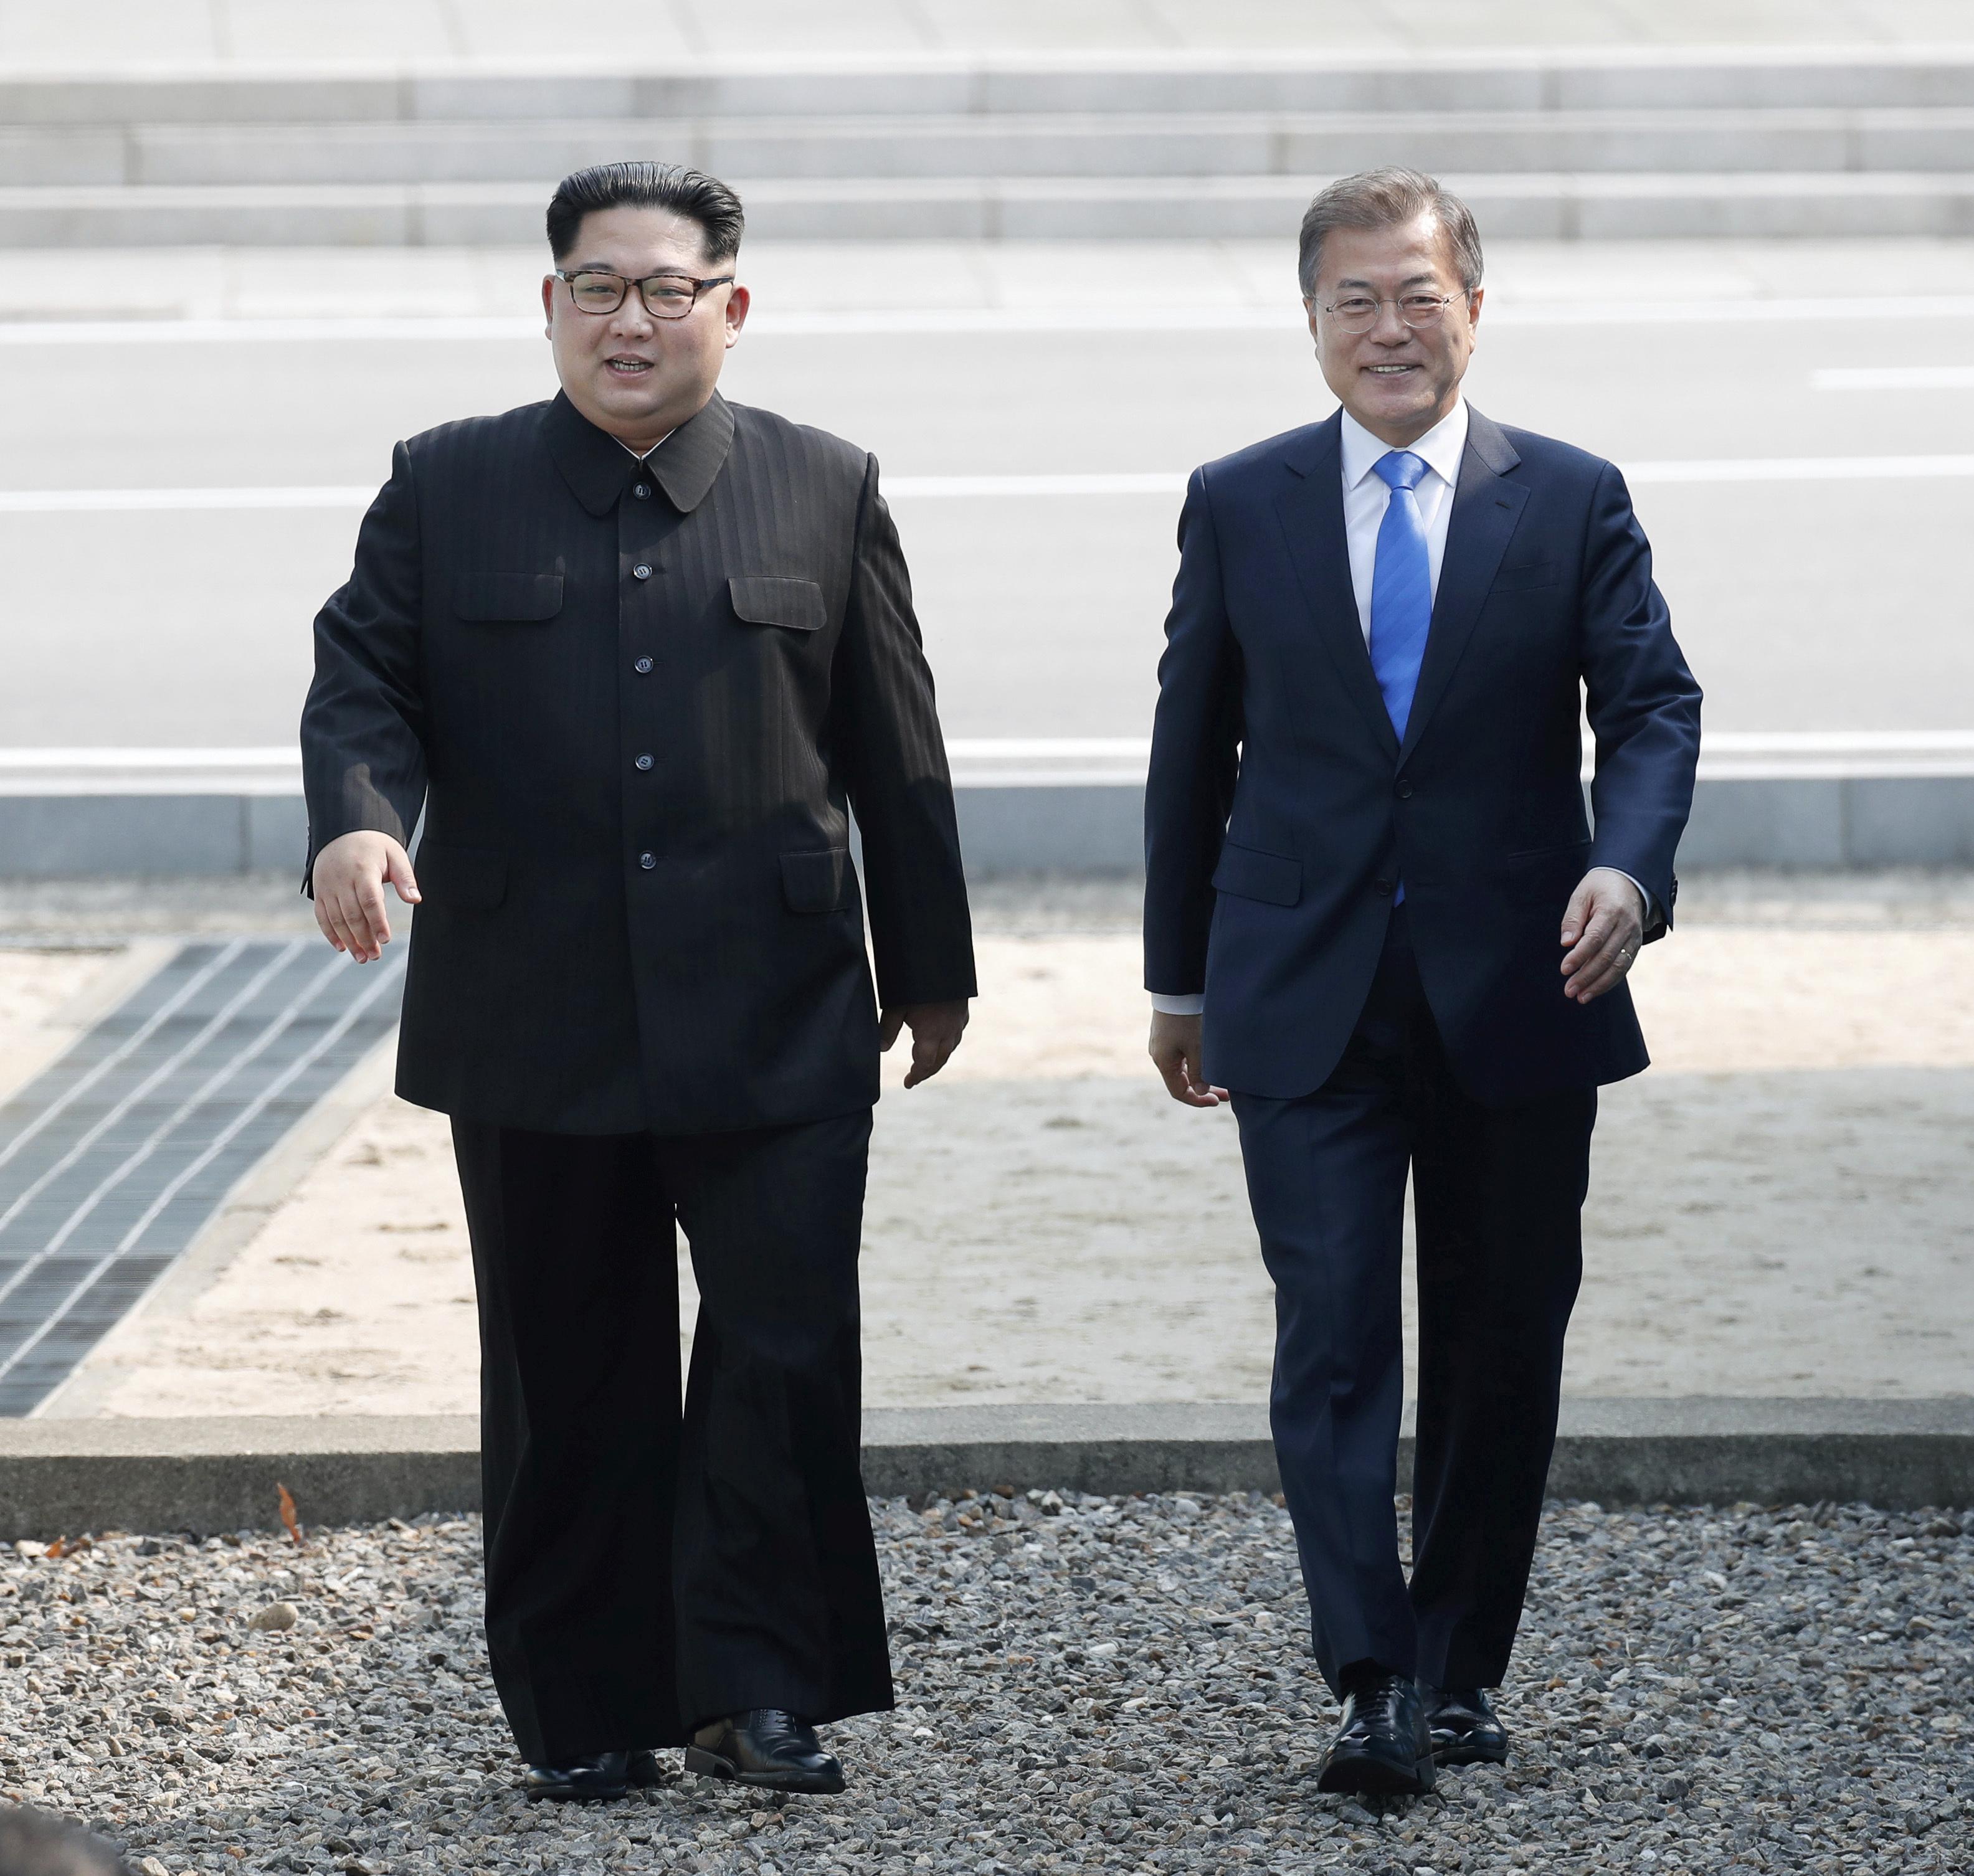 El dictador norcoreano Kim Jong-un y el presidente surcoreano Moon Jae-in camina en terreno surcoreano. (Korea Summit Press Pool via AP)